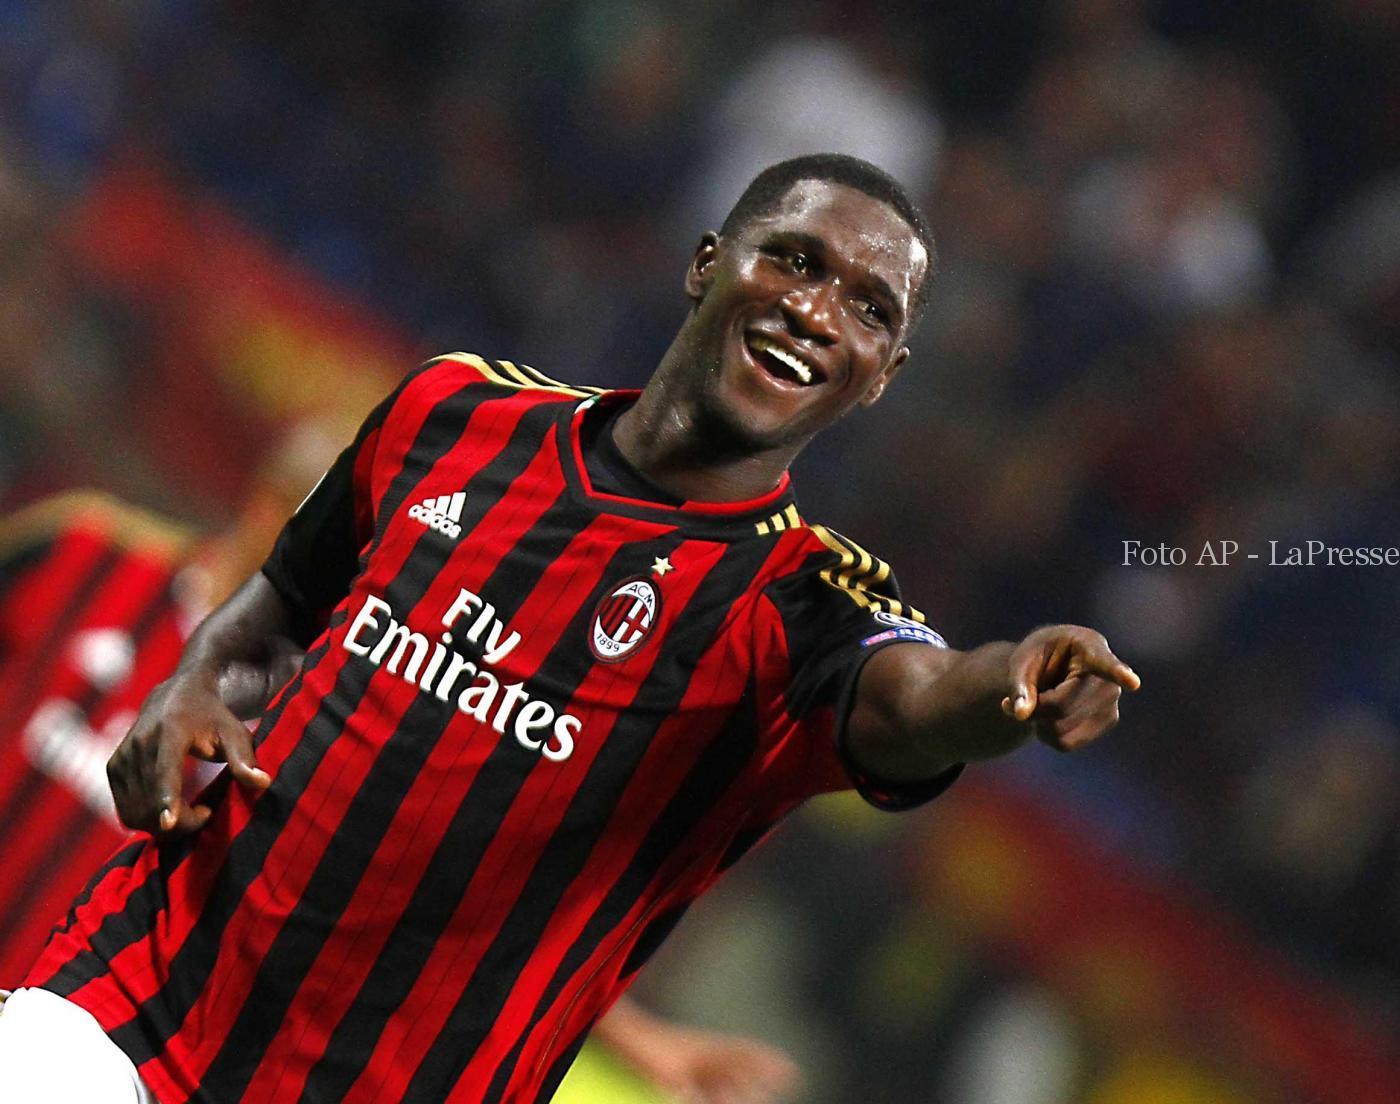 Mercato Milan 21 giugno: Zapata lascia i rossoneri a parametro zero, ma dovrebbe continuare a giocare in Serie A. 2 club su di lui.